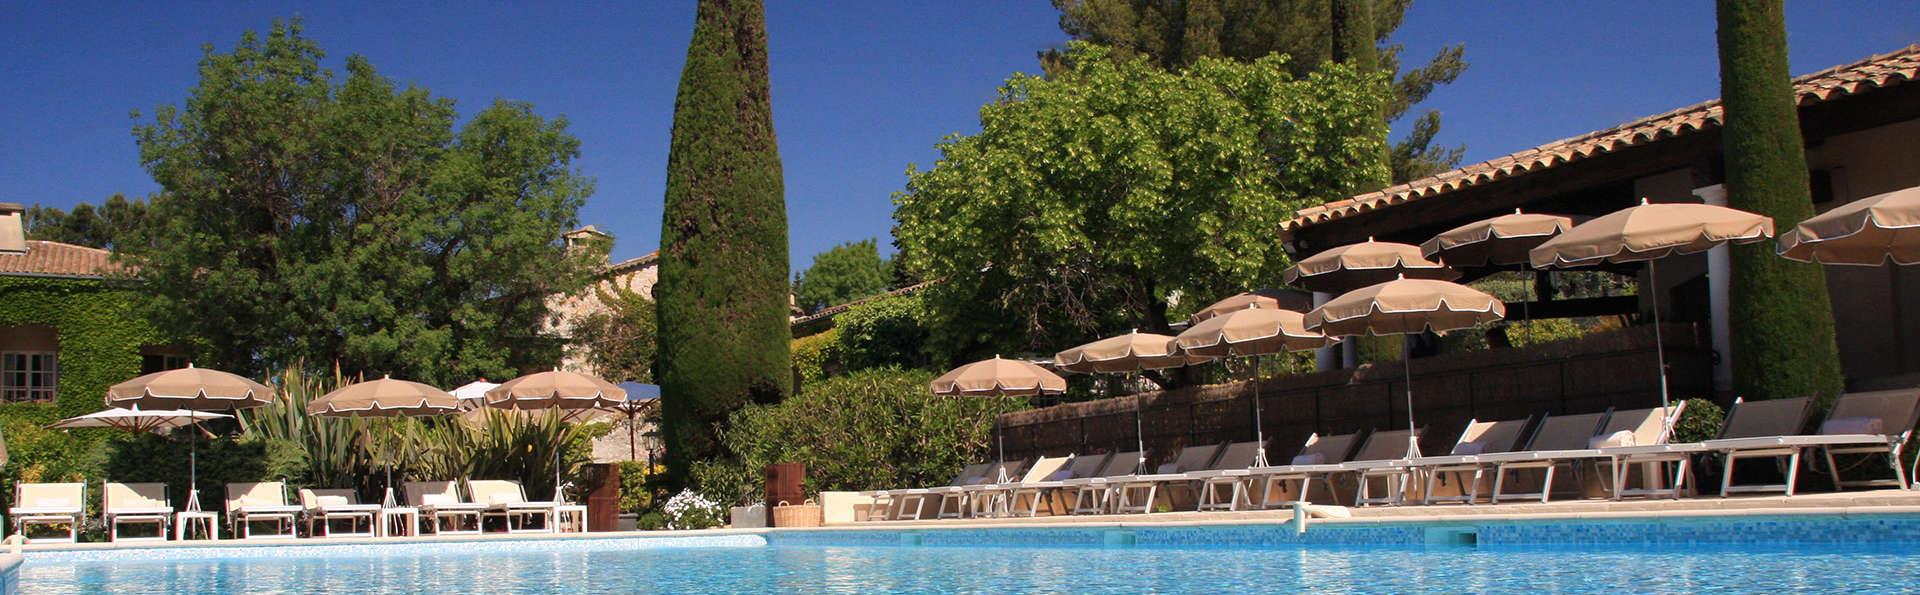 Bulles de champagne dans un hôtel de charme à proximité de Cannes